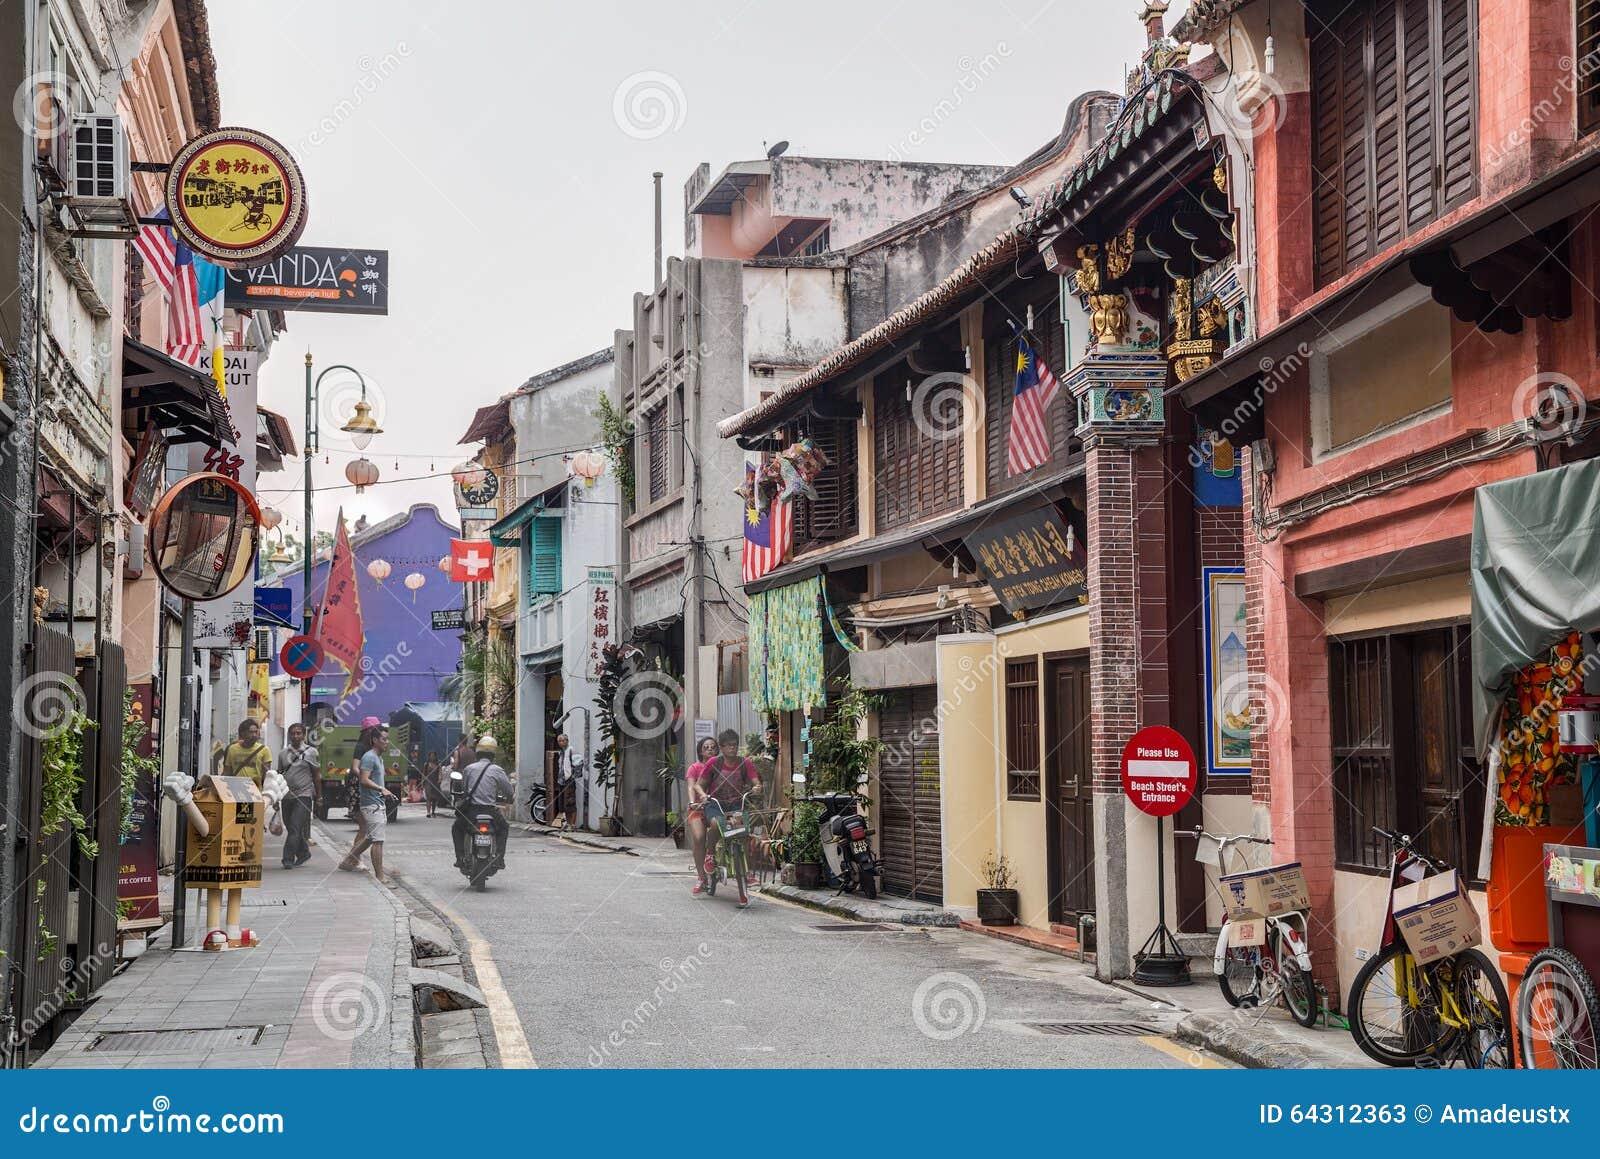 Τζωρτζτάουν, Penang/Μαλαισία - τον Οκτώβριο του 2015 circa: Παλαιές οδοί και αρχιτεκτονική της Τζωρτζτάουν, Penang, Μαλαισία